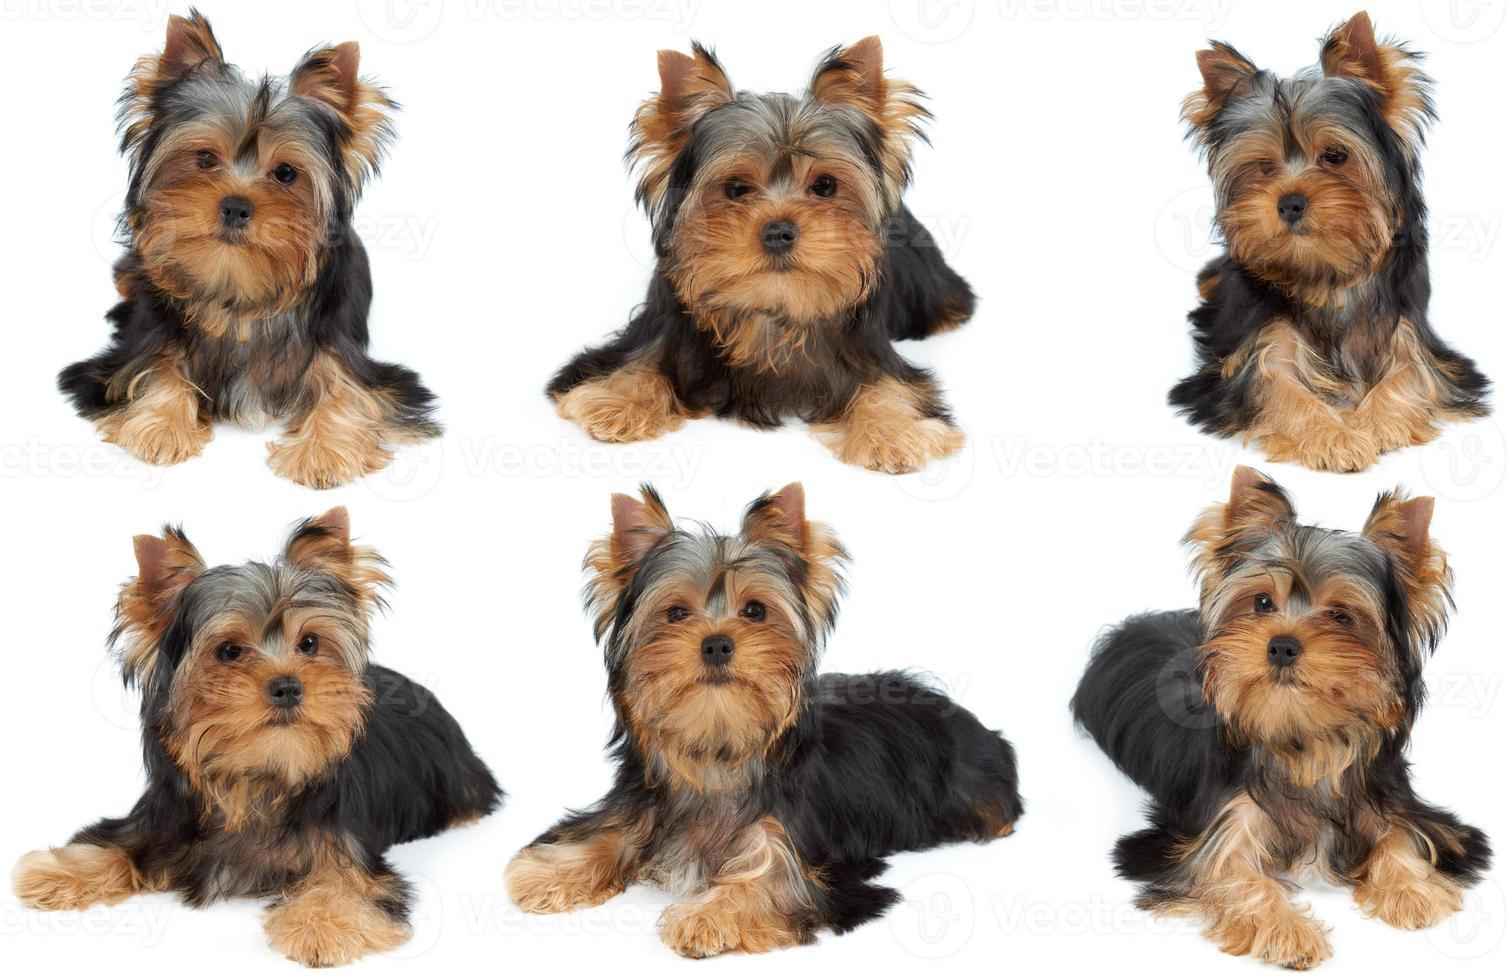 una sesión de fotos del perro